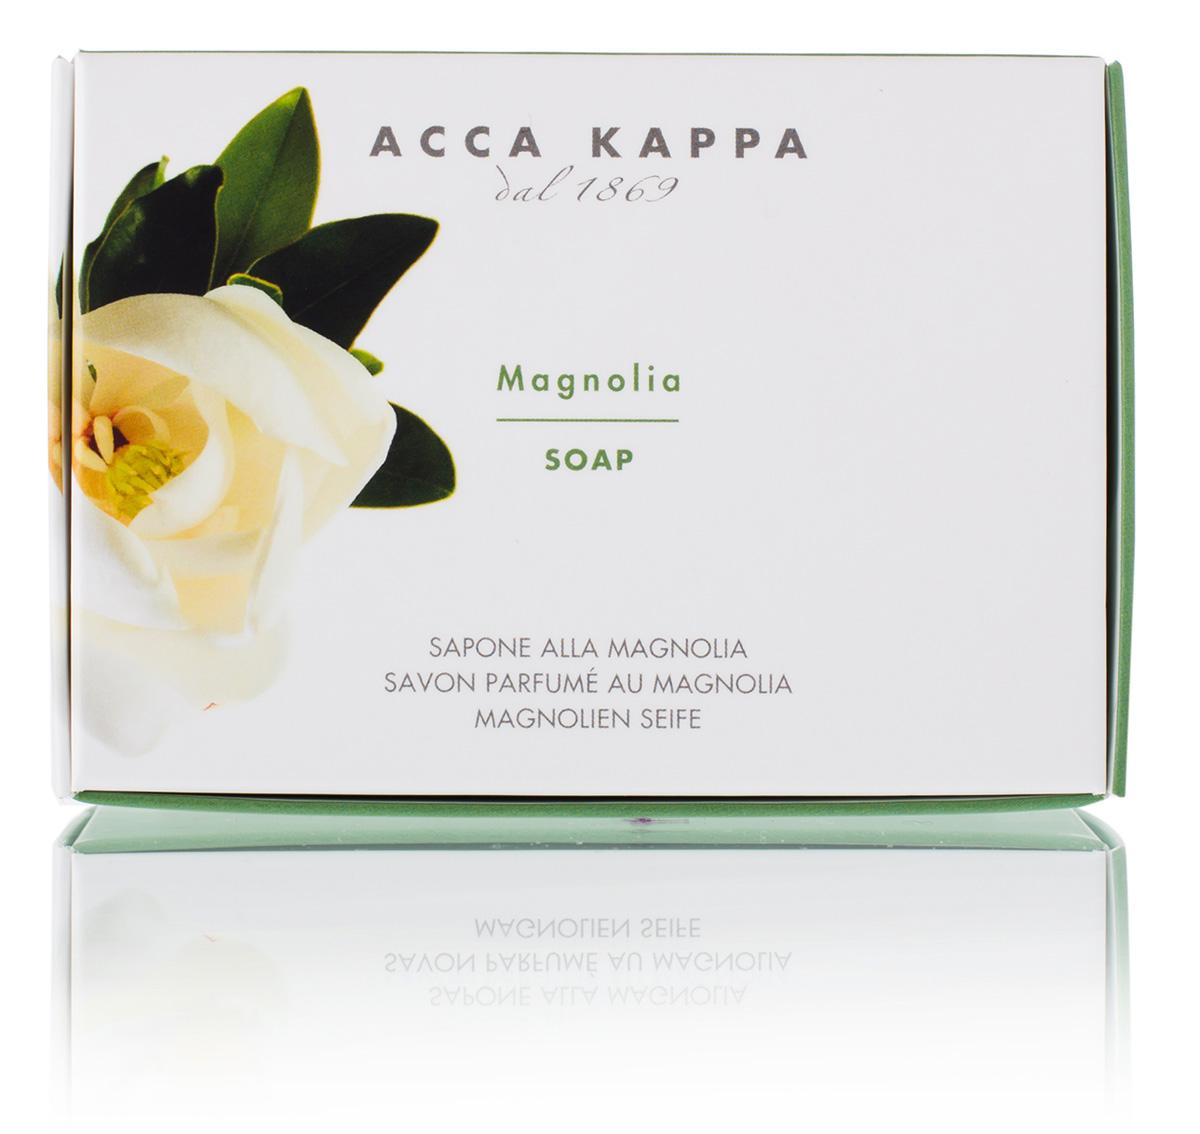 Acca Kappa Мыло туалетное Магнолия 150 гр0507012691Мыло создано с использованием традиционных методов из сырья исключительно растительного происхождения.